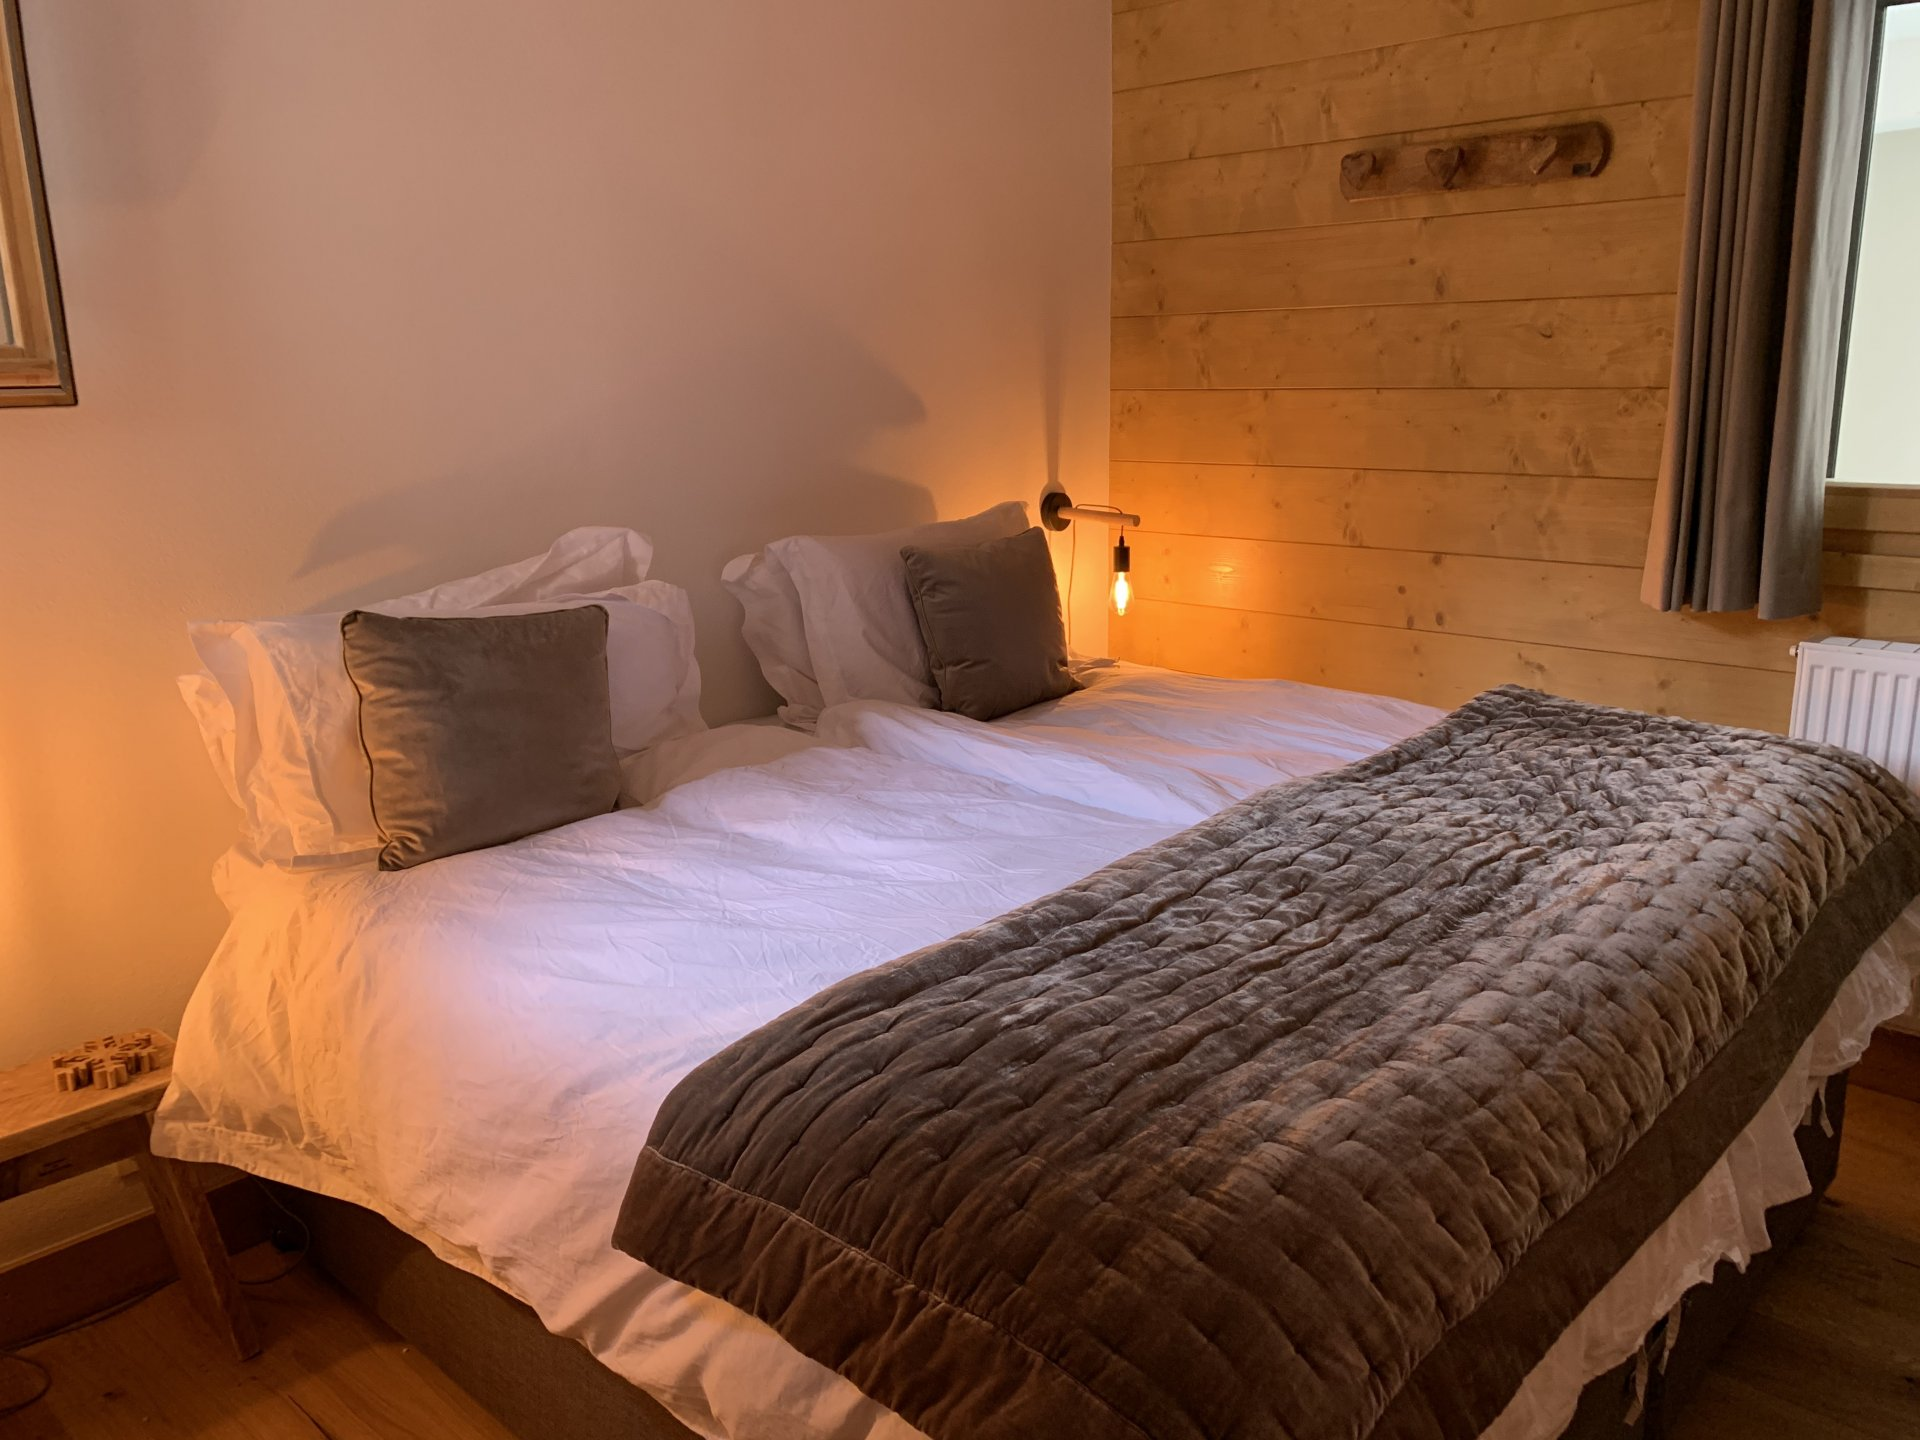 Location de vacances : Bel appartement haut de gamme de 3 chambres